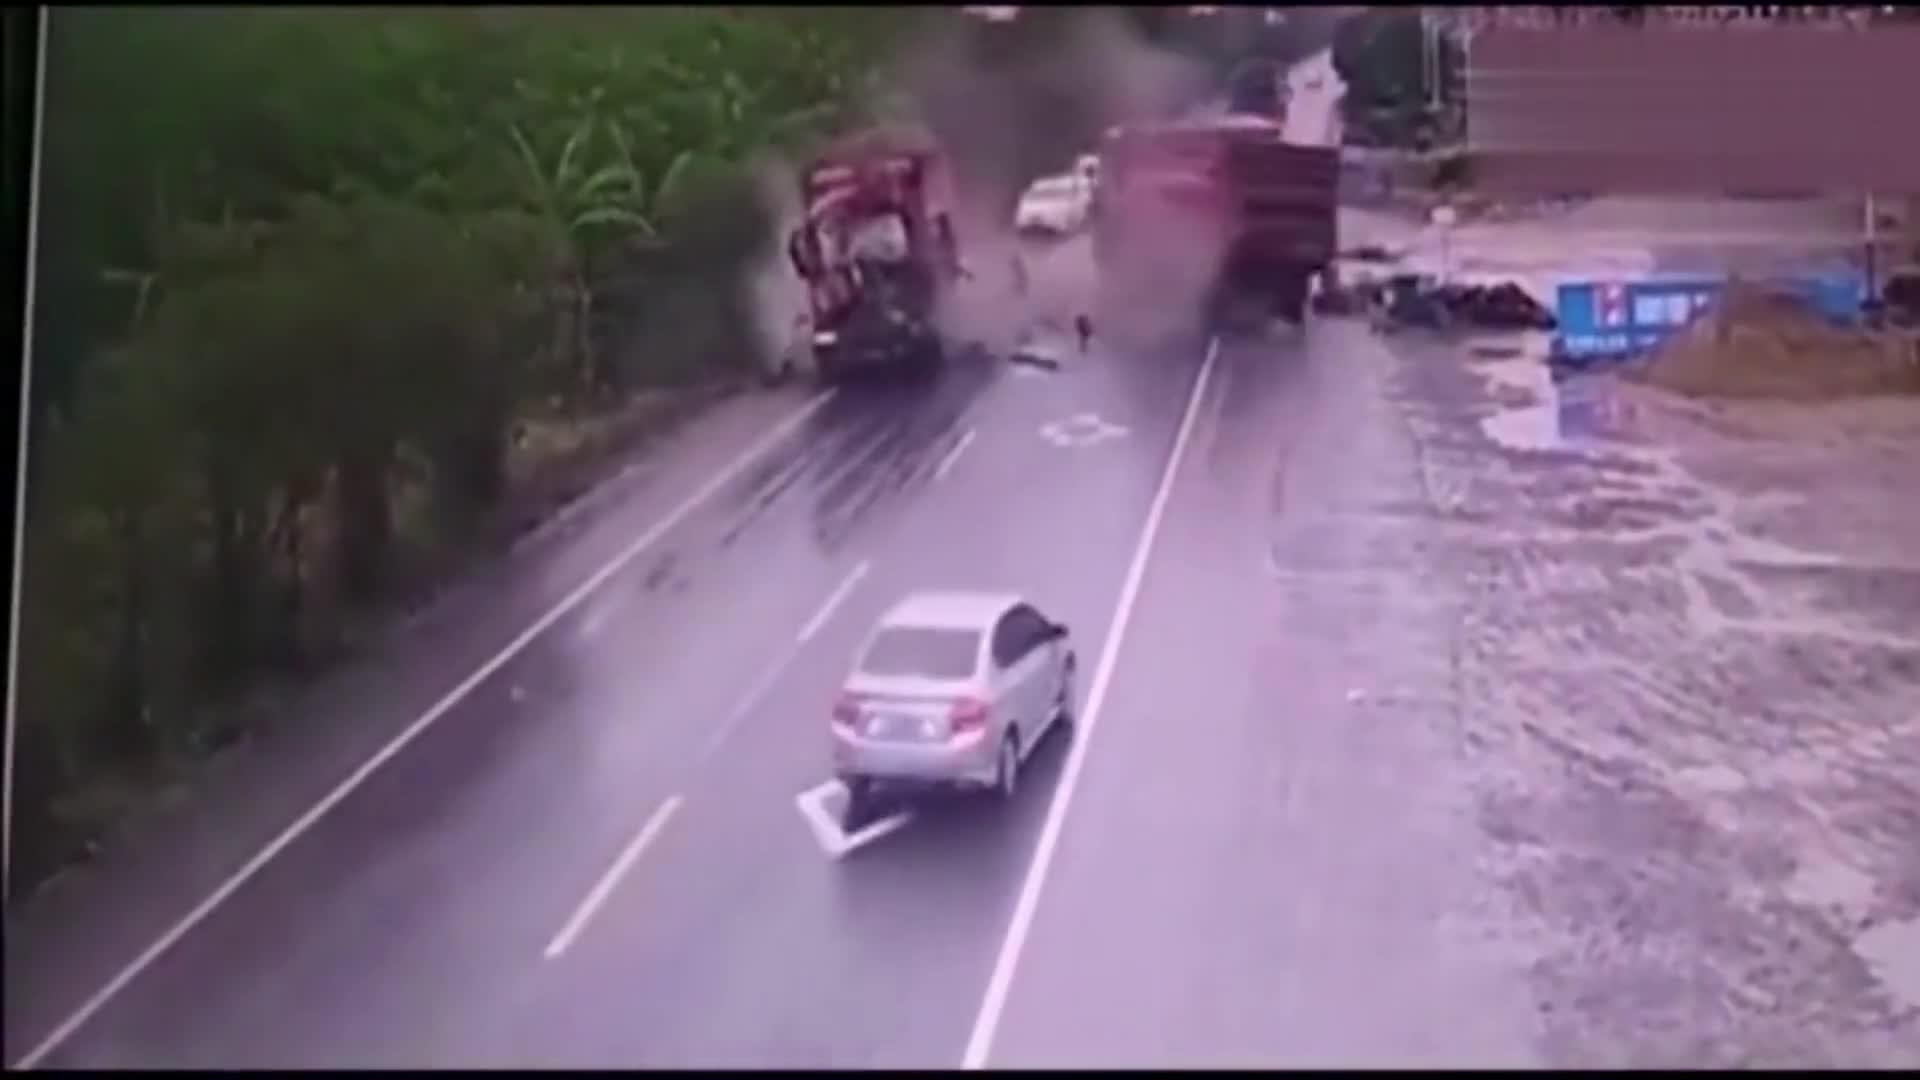 #车祸#这起惨烈车祸播放量1380万,渣土车瞬间报废,司机上天堂!